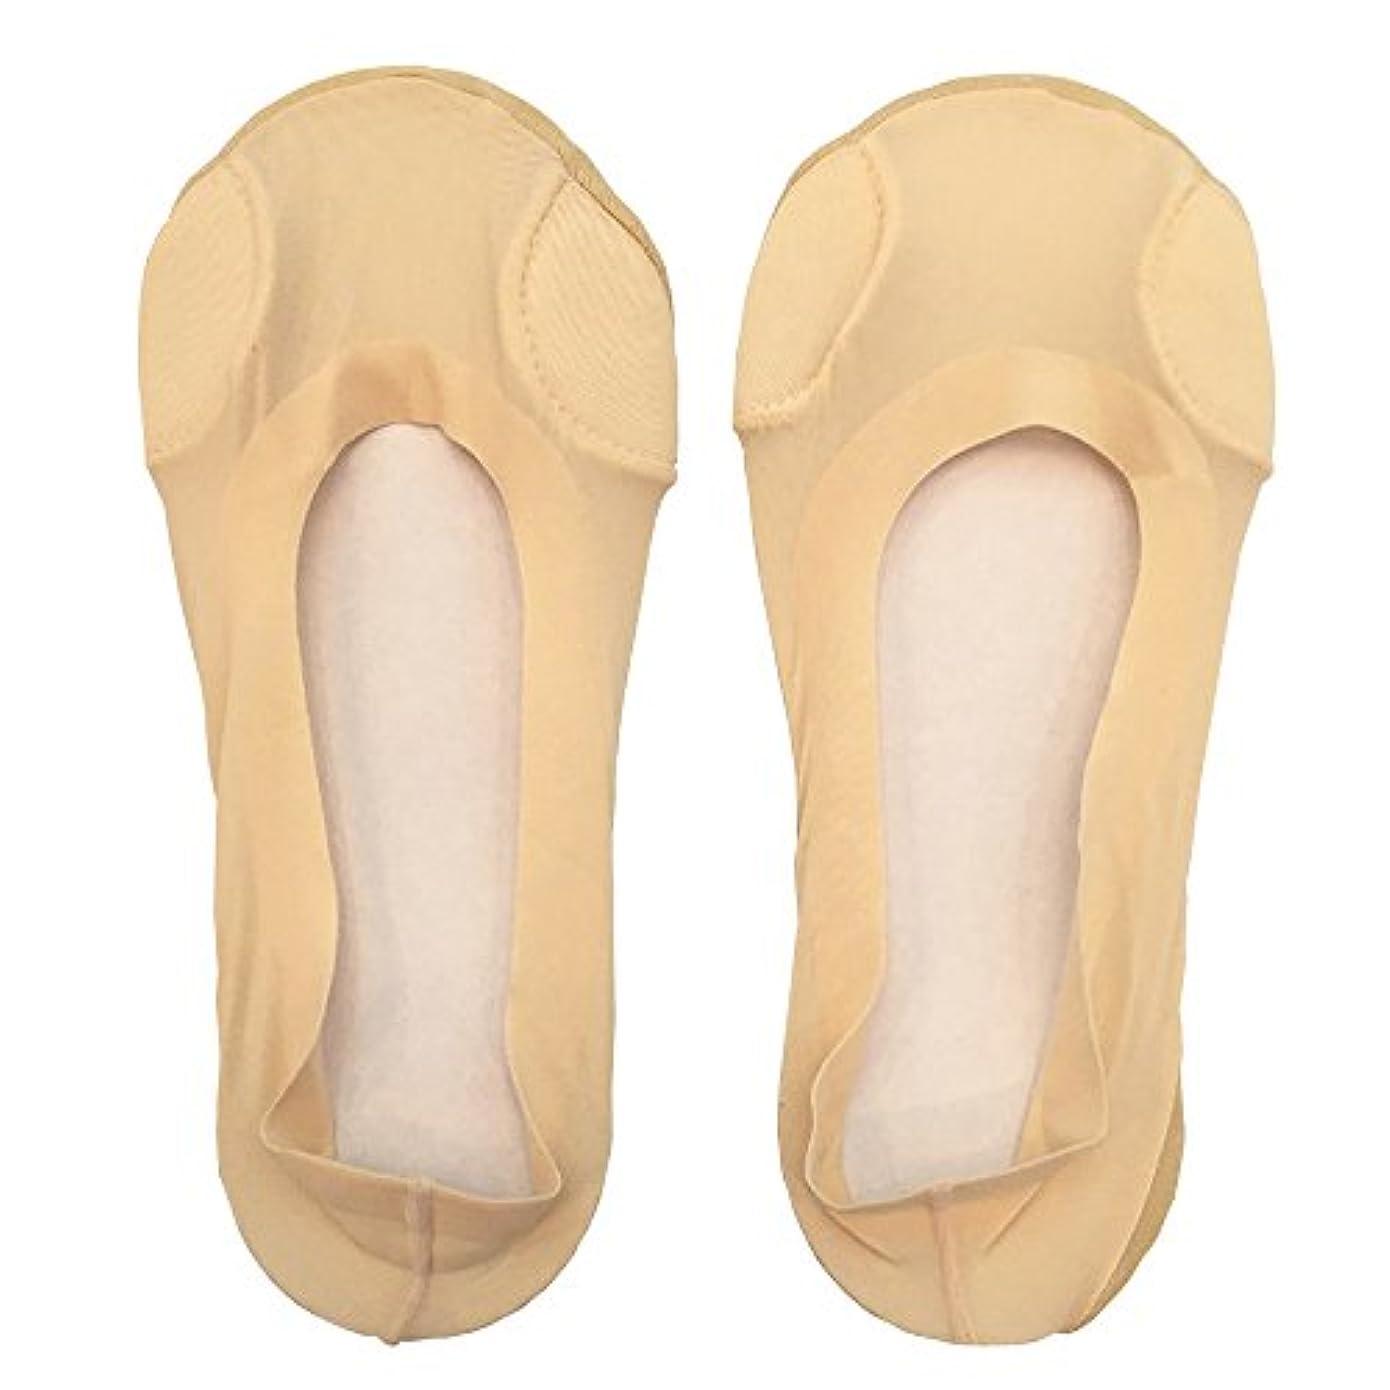 受粉者受ける範囲DrScholl(ドクターショール)靴ずれ防止フットカバー 指両側クッション付き 8805DR-80 ベージュ